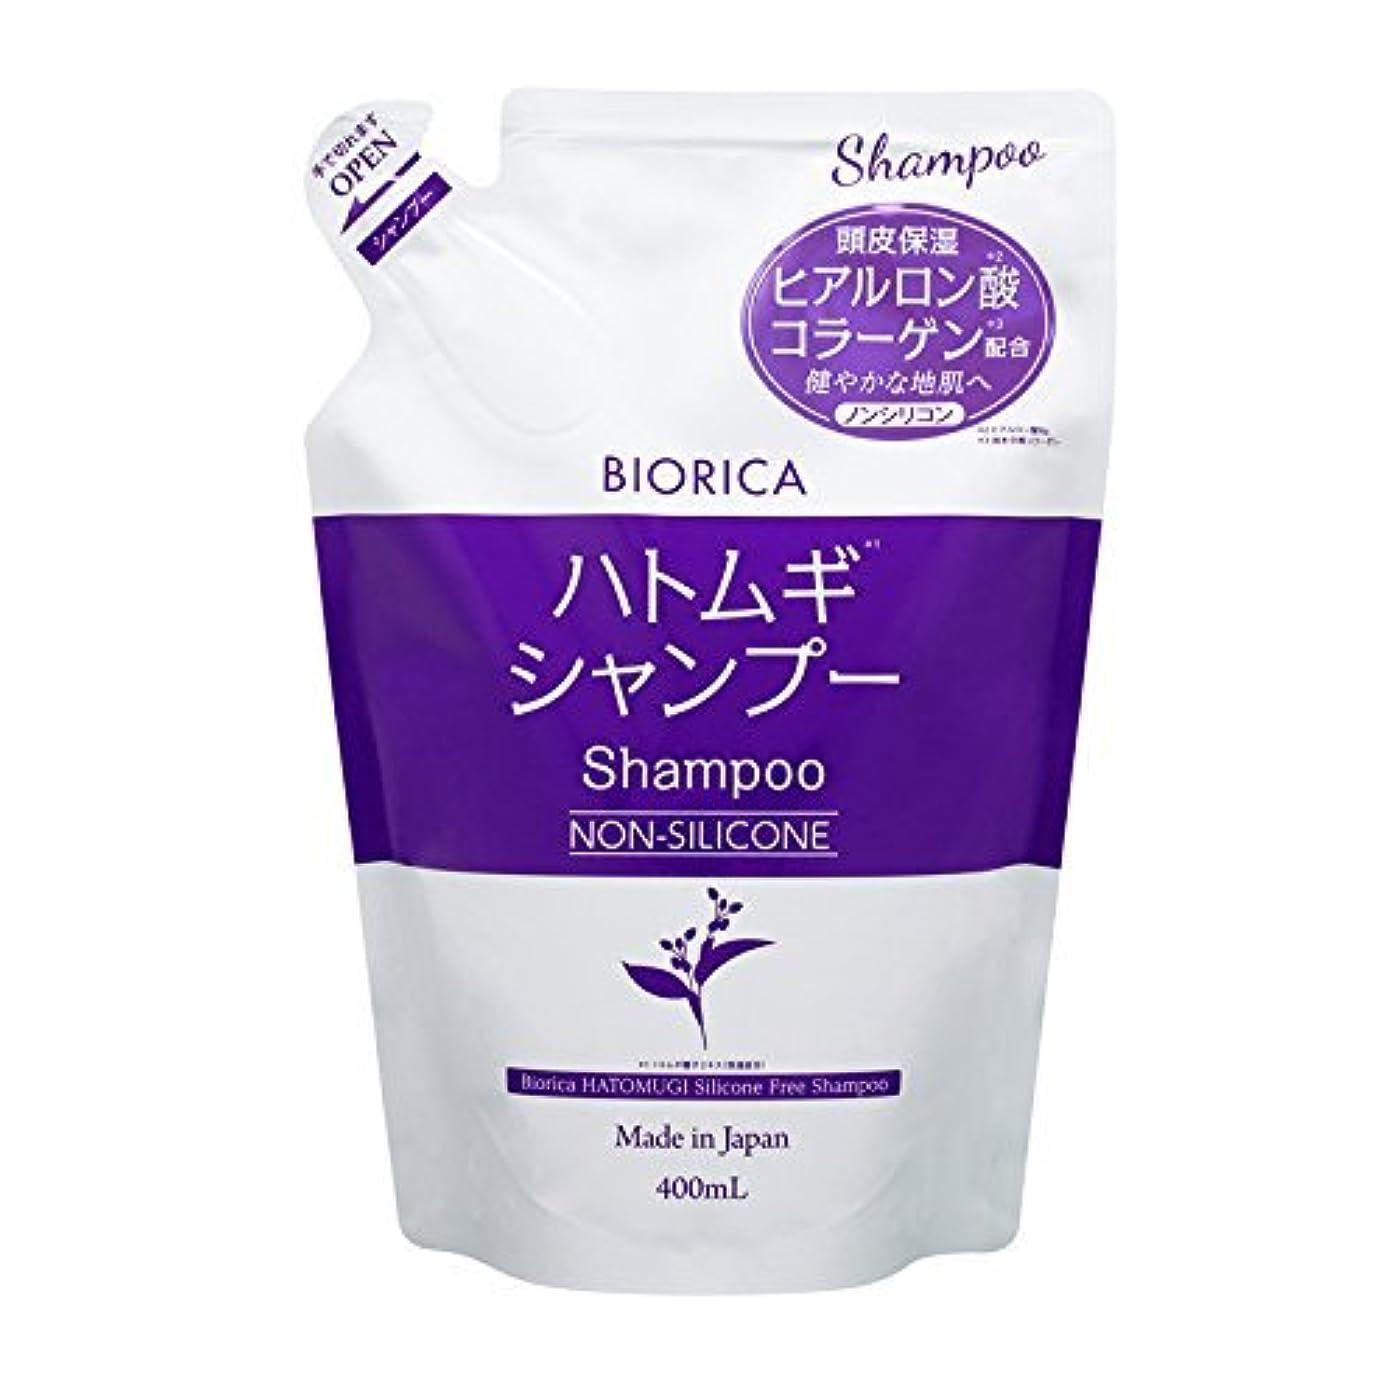 別々に組み合わせ悪のBIORICA ビオリカ ハトムギ ノンシリコン シャンプー 詰め替え フローラルの香り 400ml 日本製